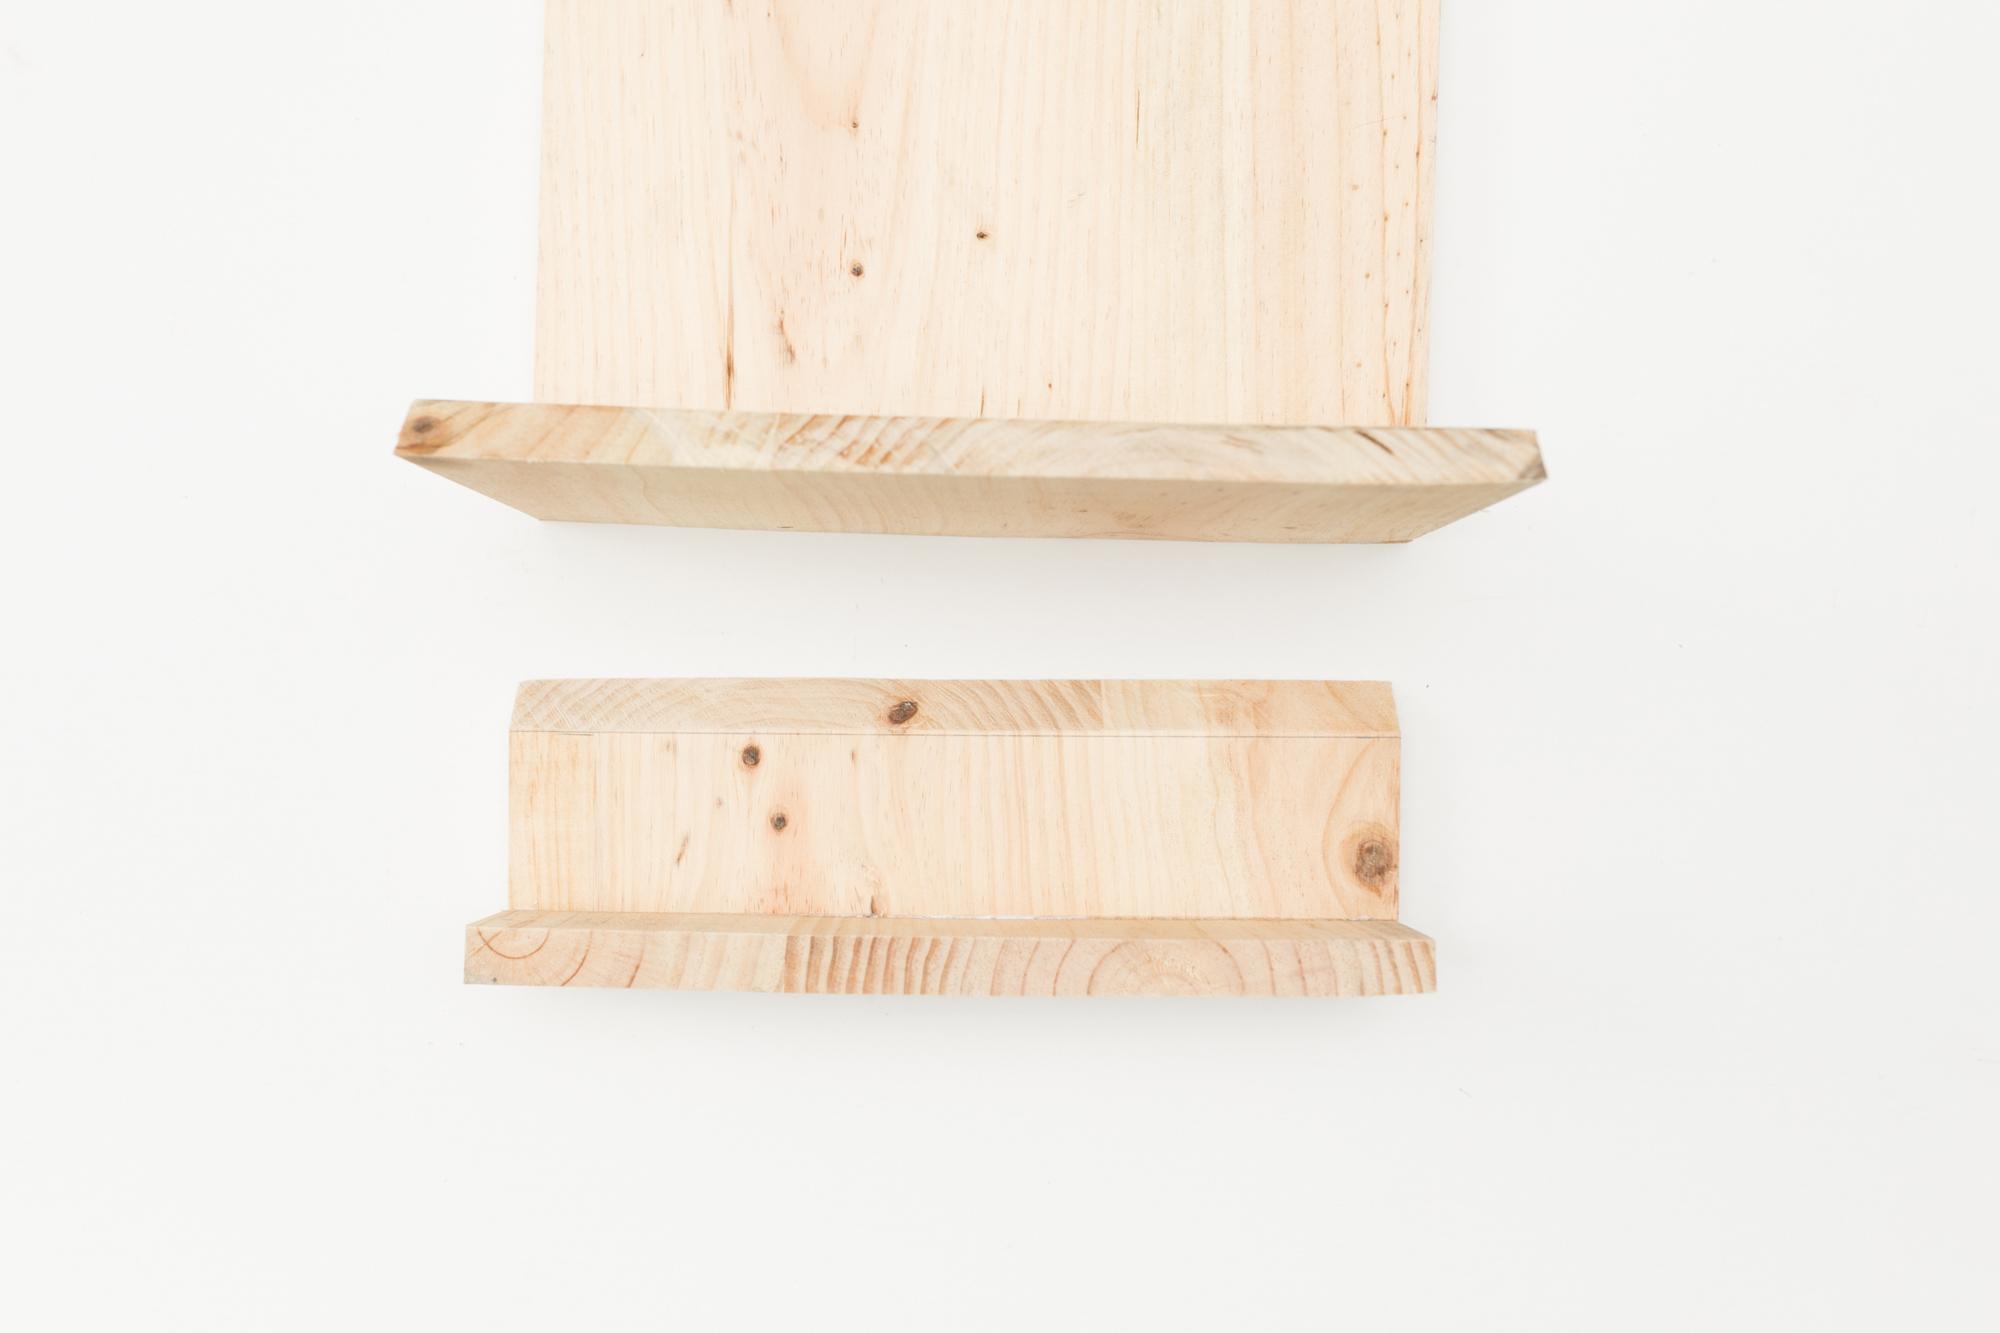 plateau-canape-diy-wood-3